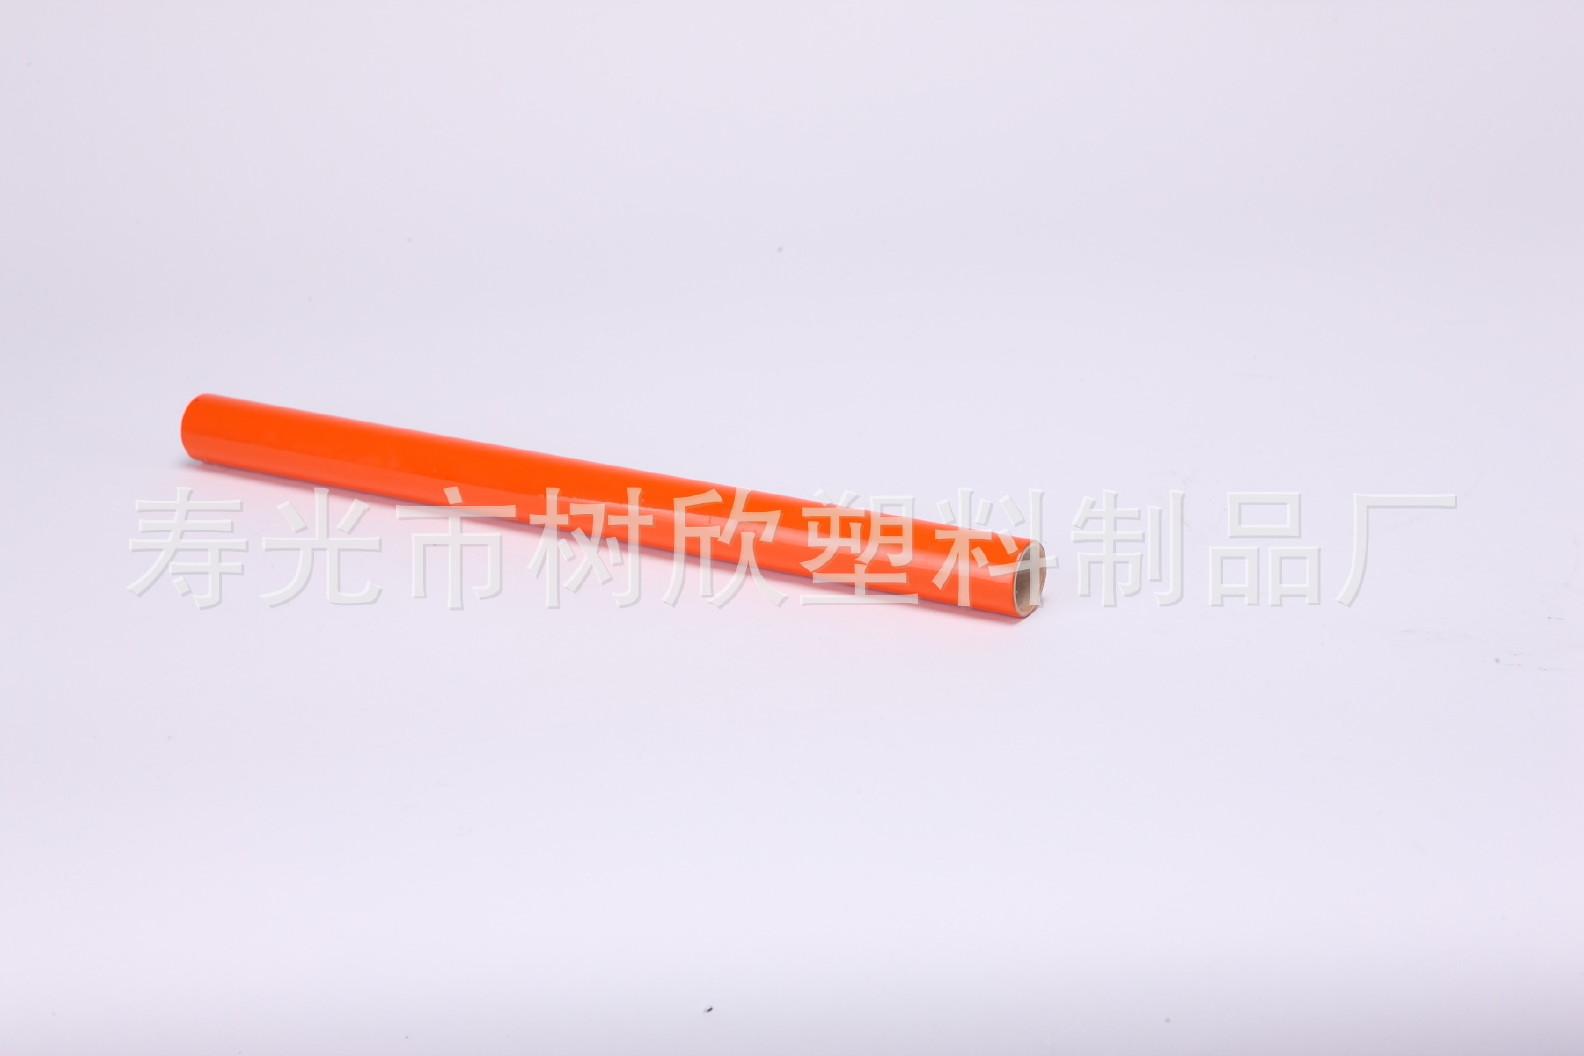 厂家供应 装饰用PVC管 彩色塑料管材 家用装修管 品质保障示例图21